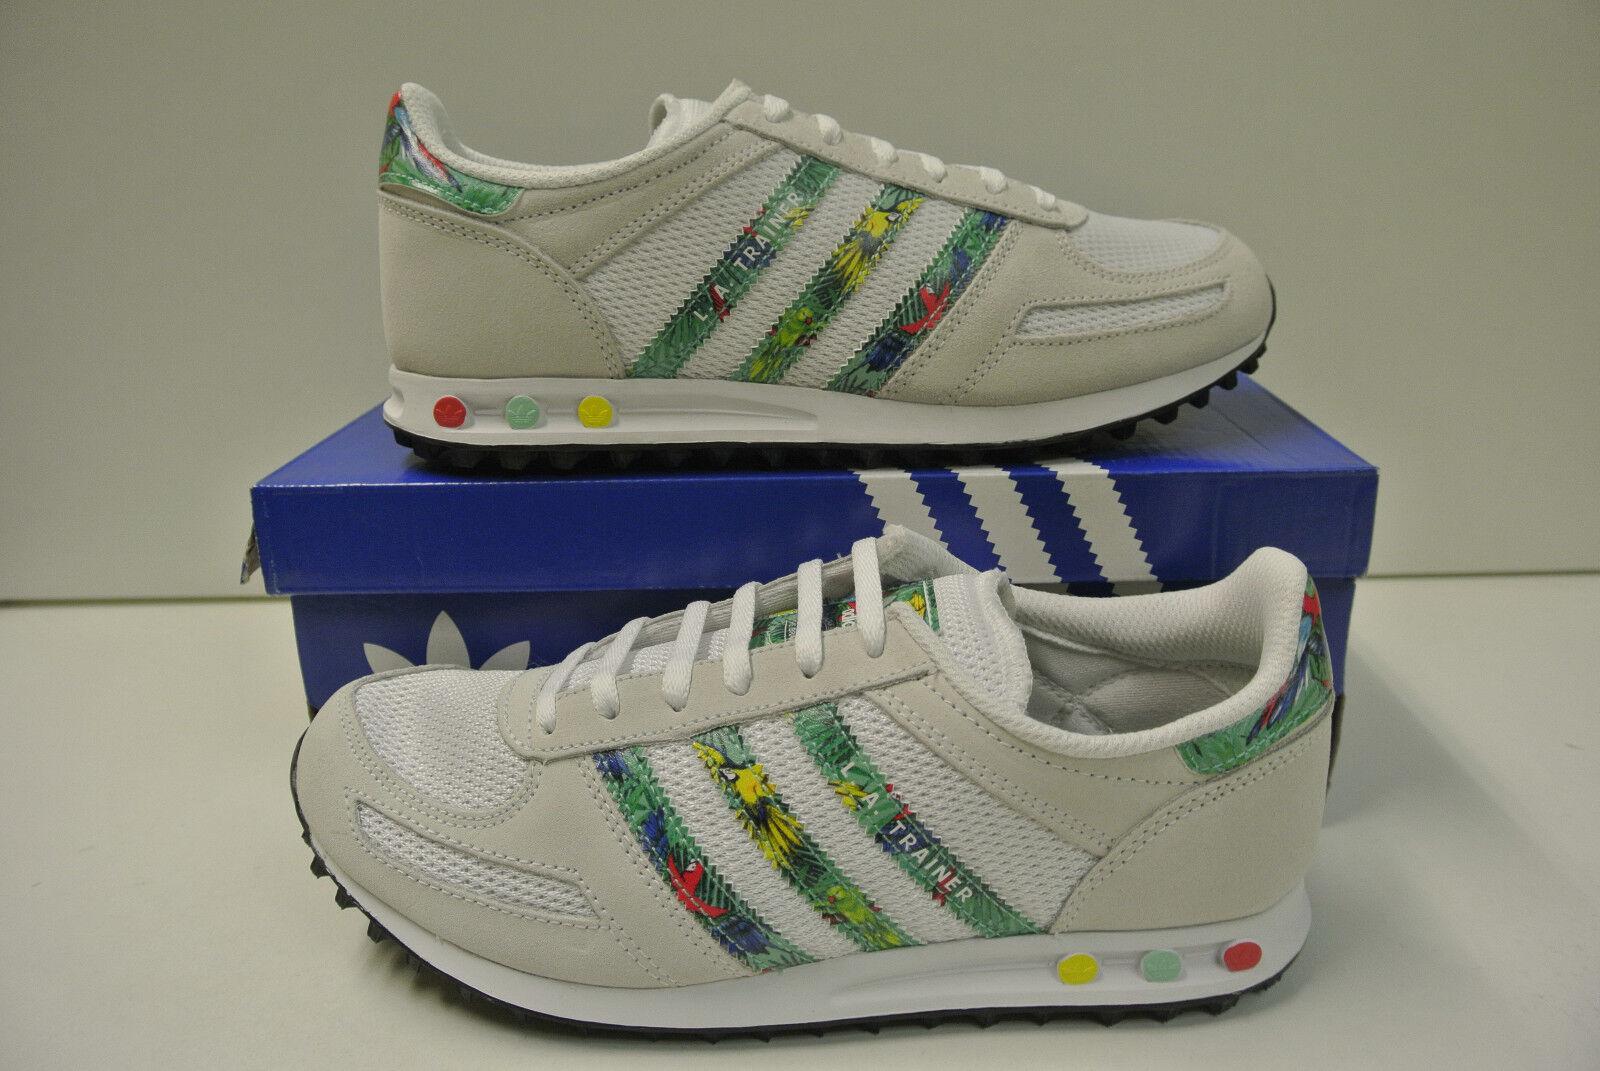 Adidas embalaje la entrenador talla elegibles nuevo con embalaje Adidas original bb6337 22a063